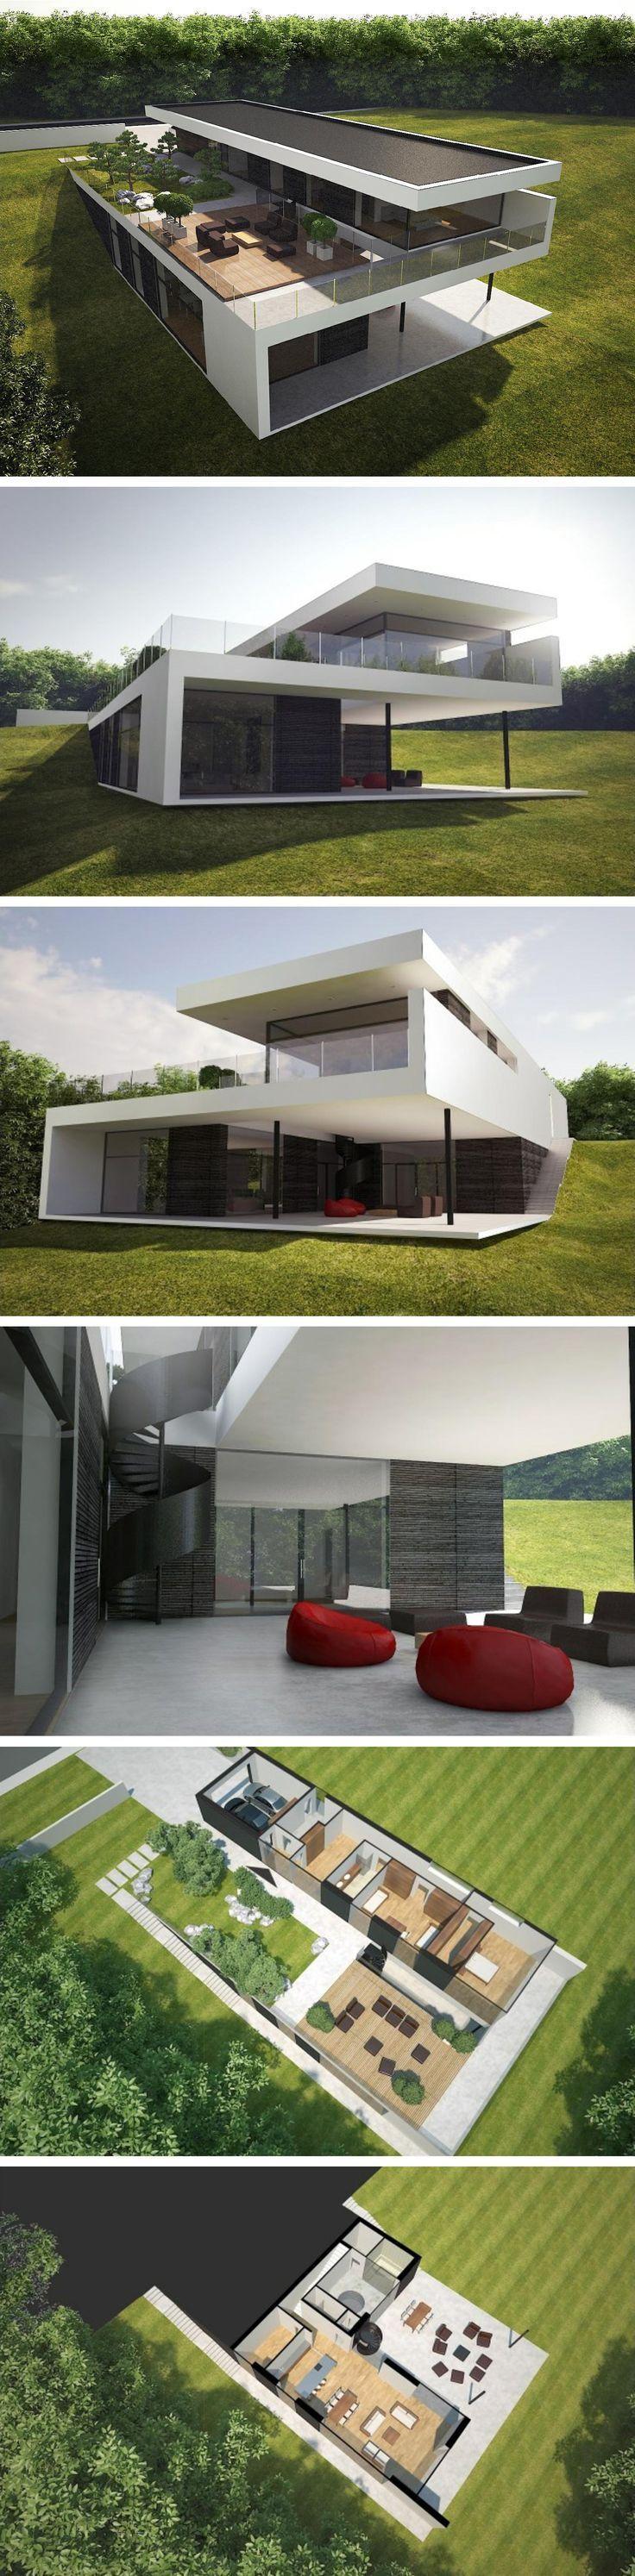 Resultado de imagem para architecture